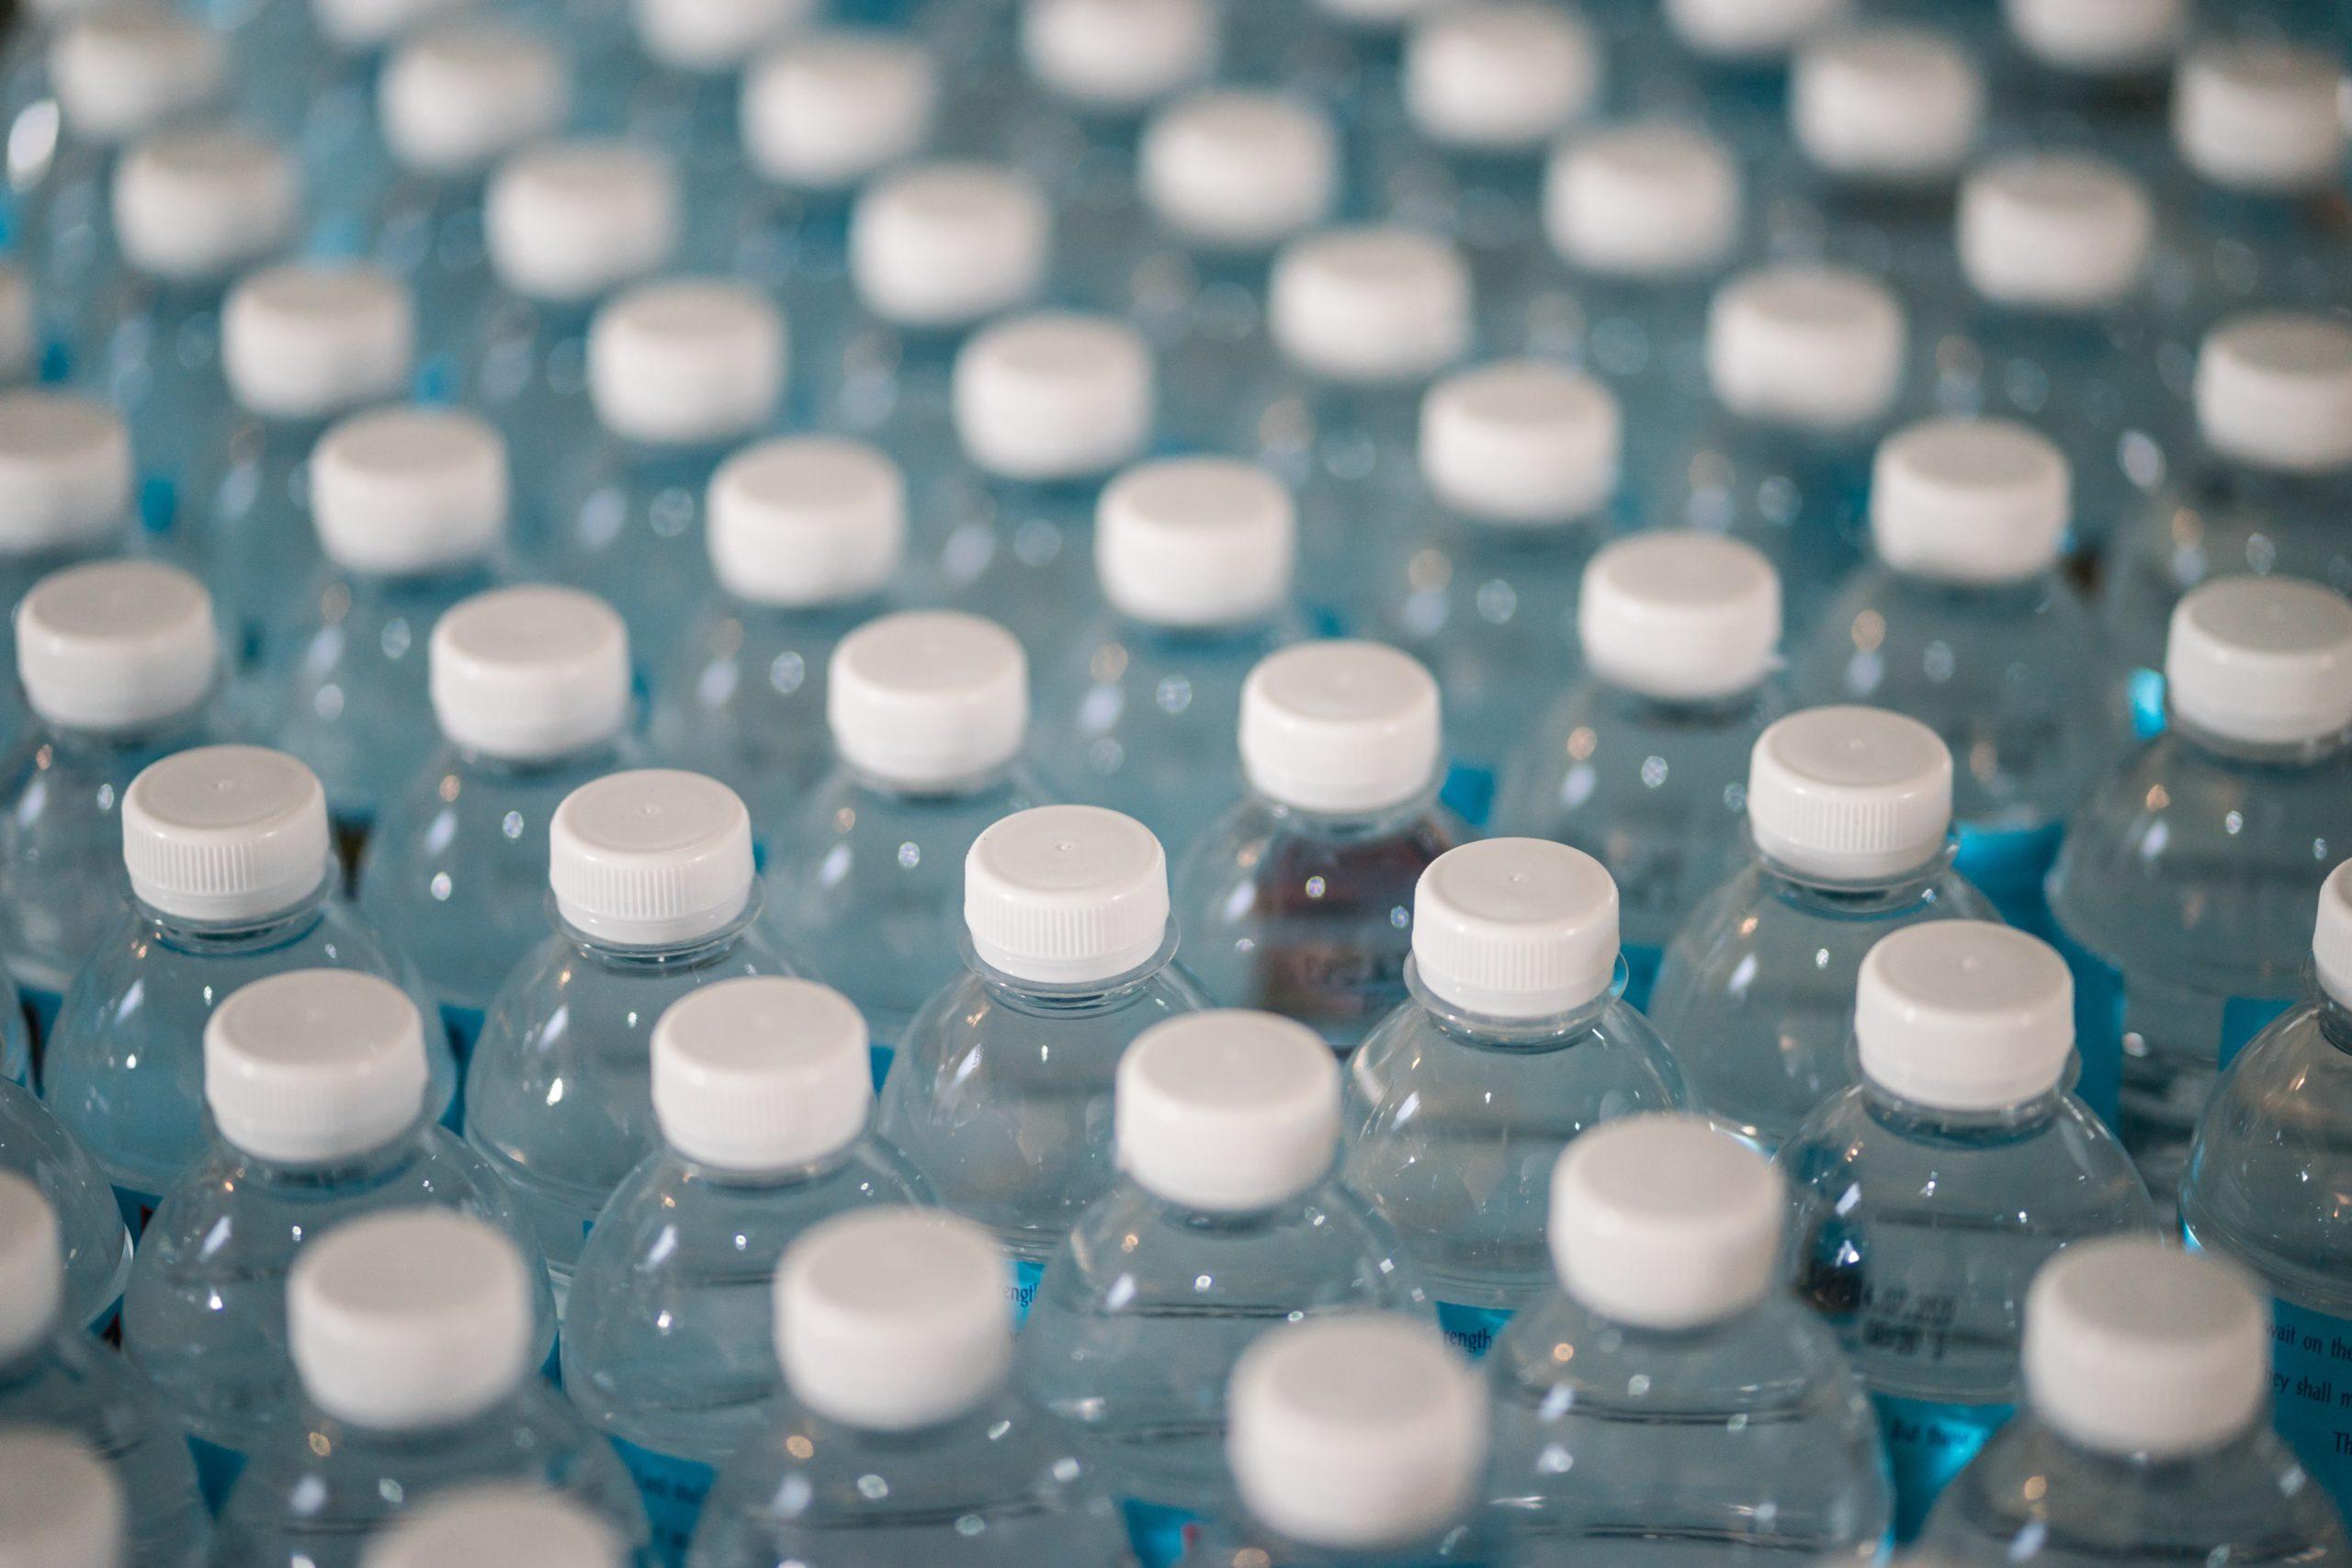 ile naprawdę jest wody w plastikowej butelce